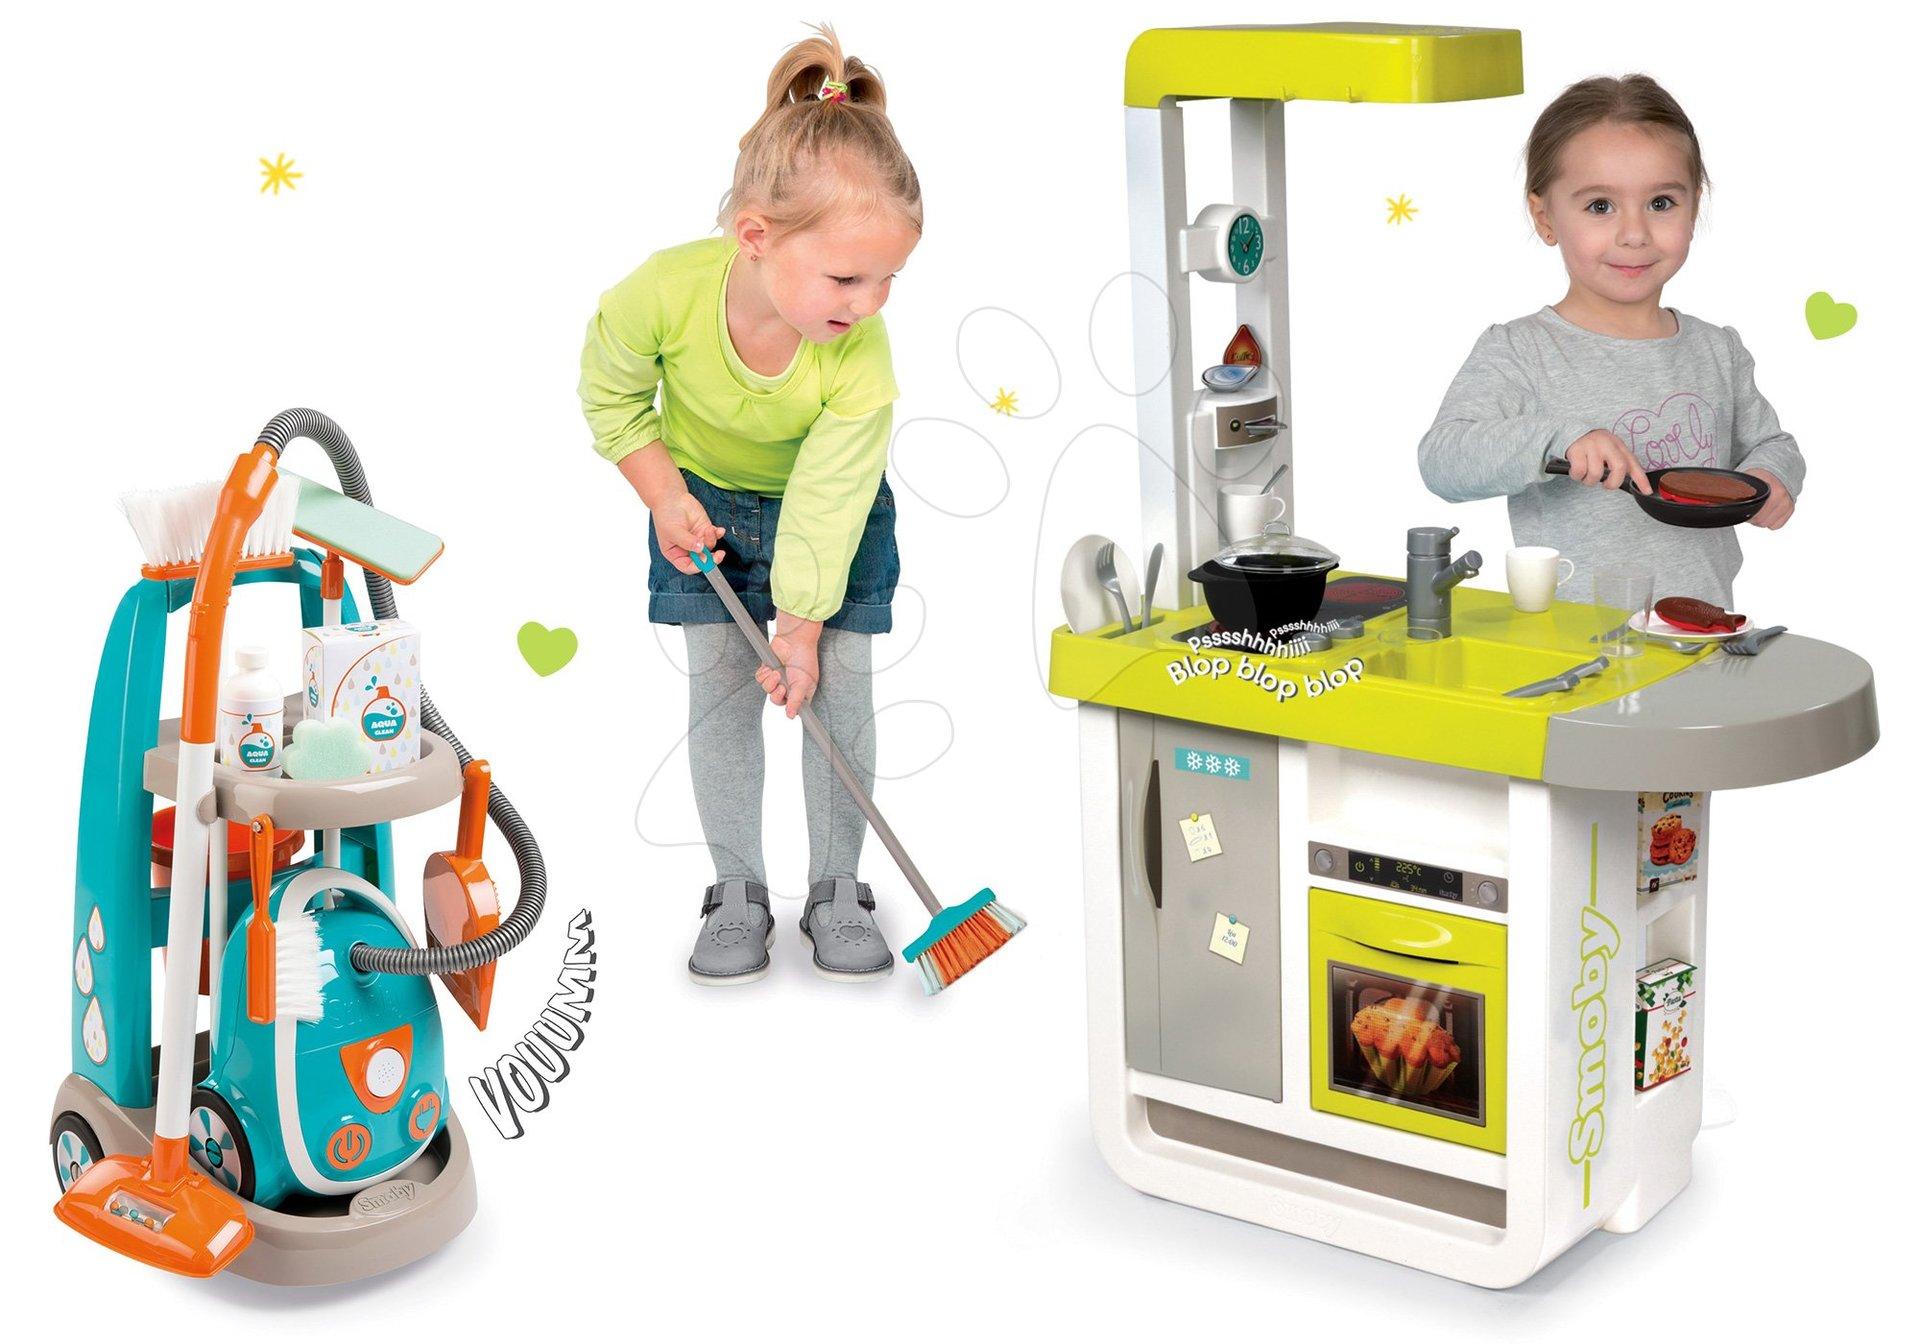 Smoby set detská kuchynka elektronická Cherry so zvukmi a upratovací vozík s vysávačom 310908-1